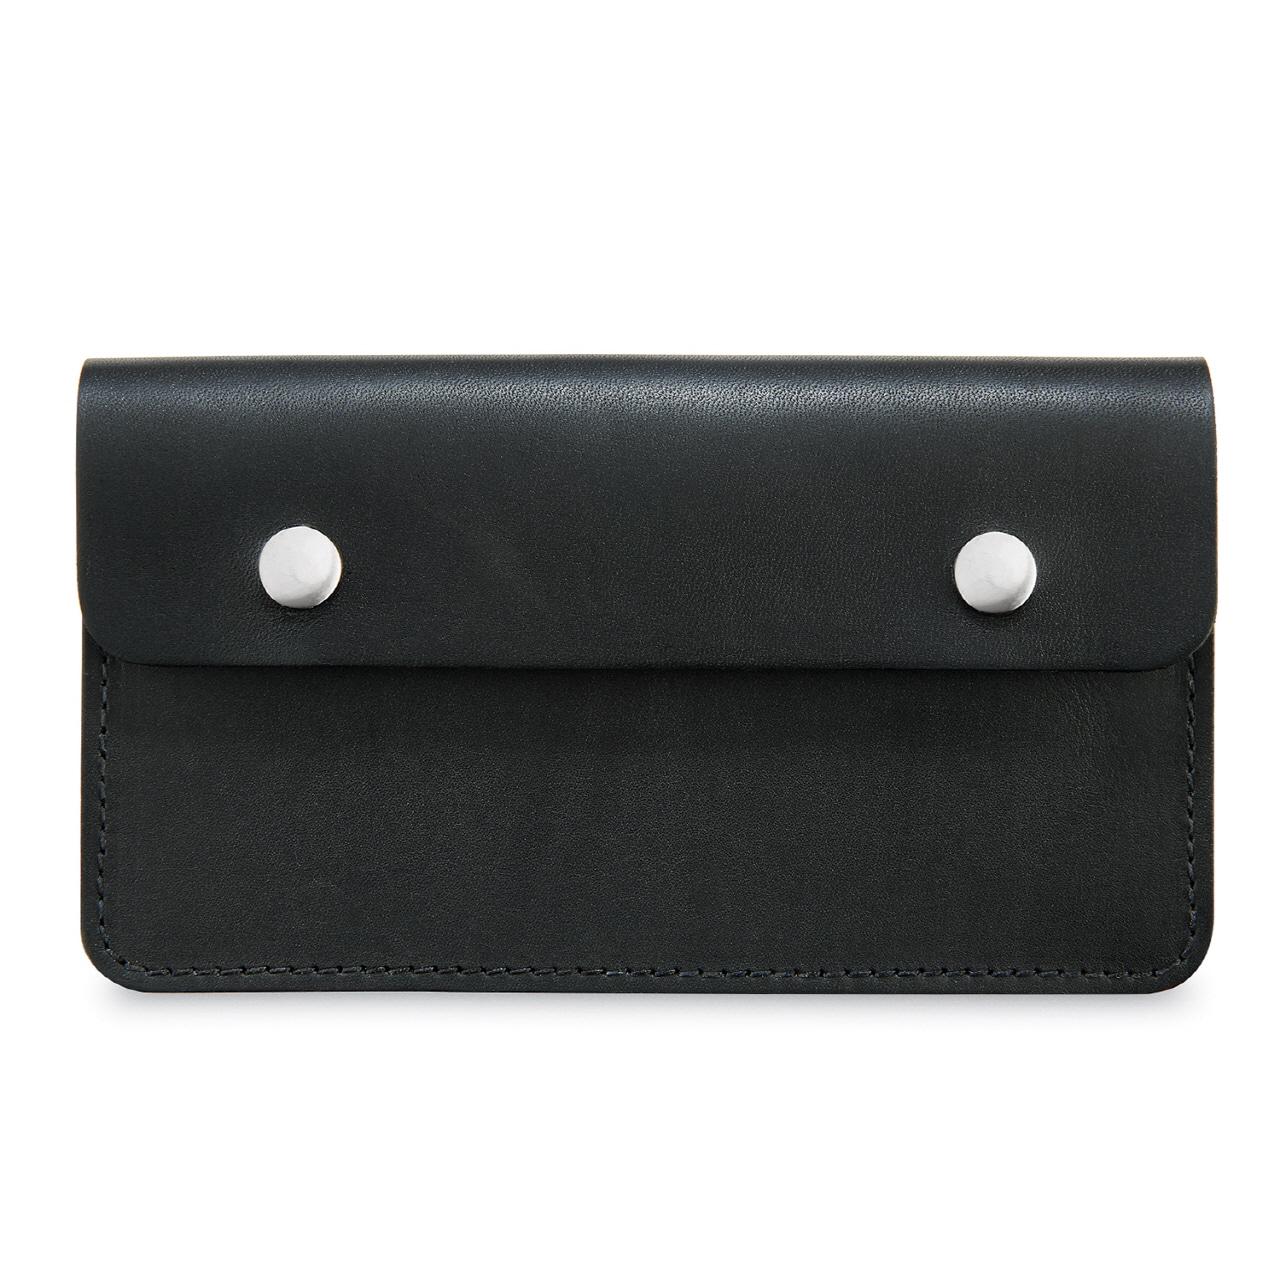 트러커 지갑 95015 - 블랙 프론티어